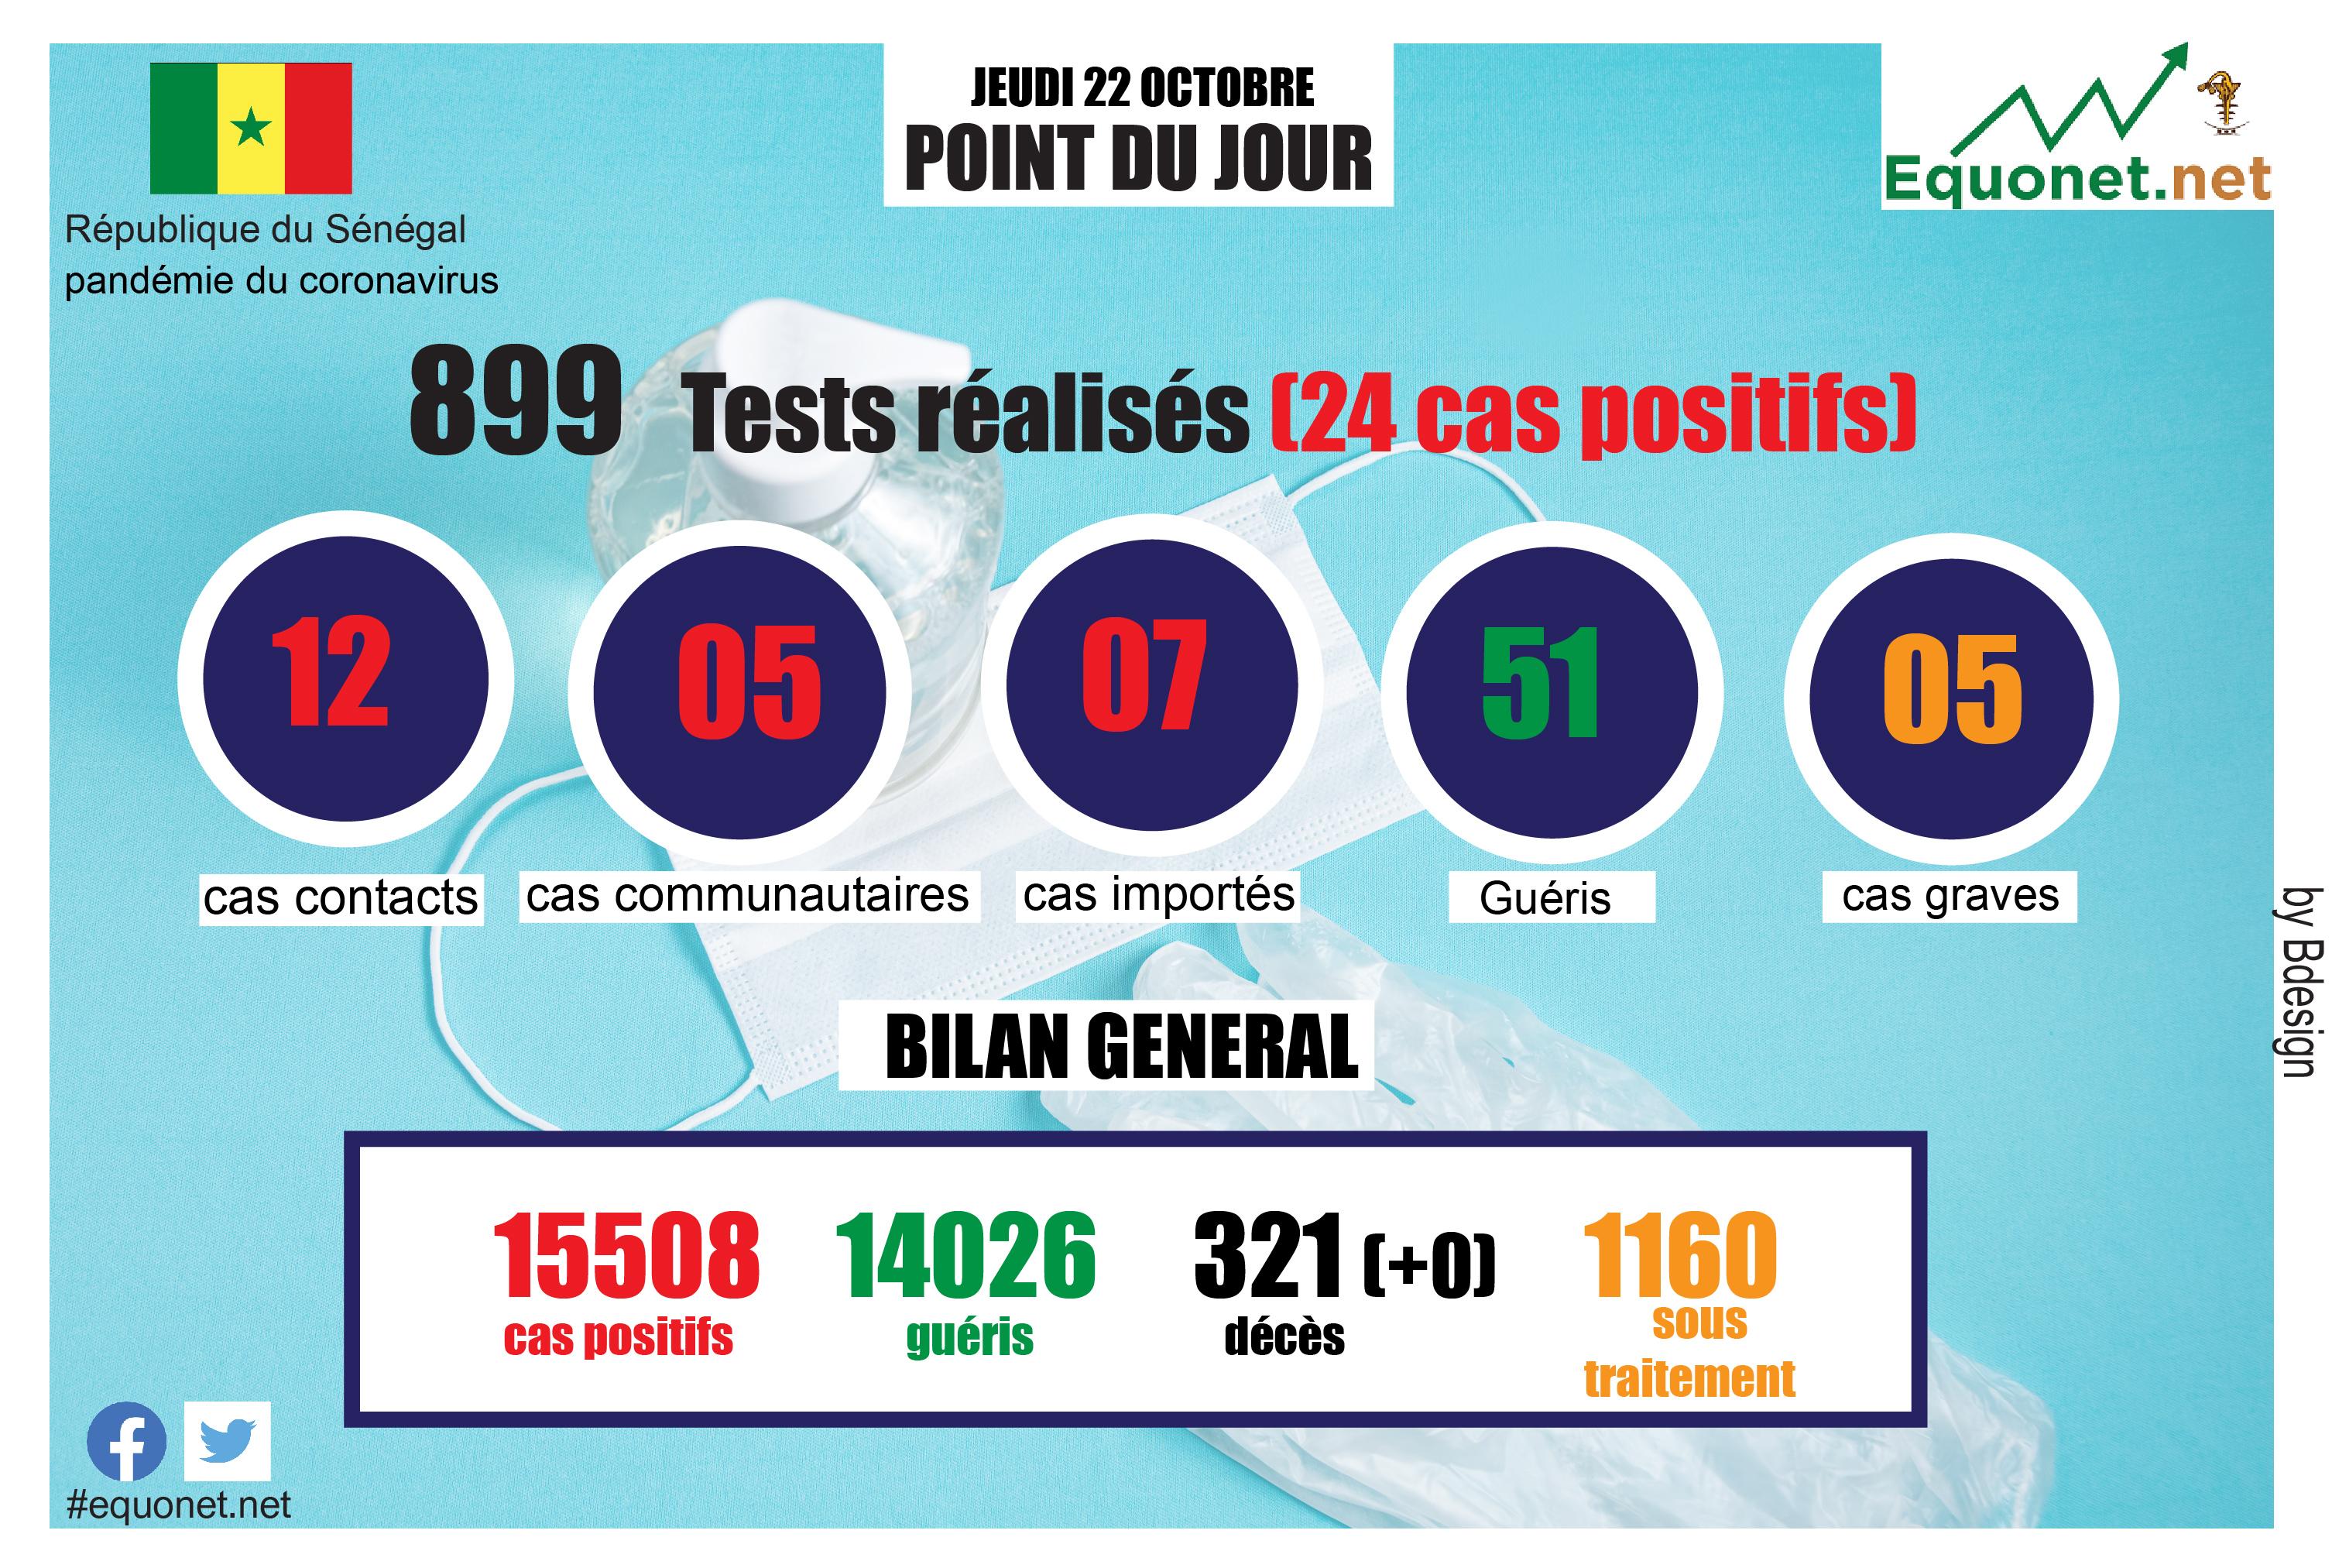 pandémie du coronavirus-covid-19 au sénégal : point de situation du jeudi 22 octobre 2020